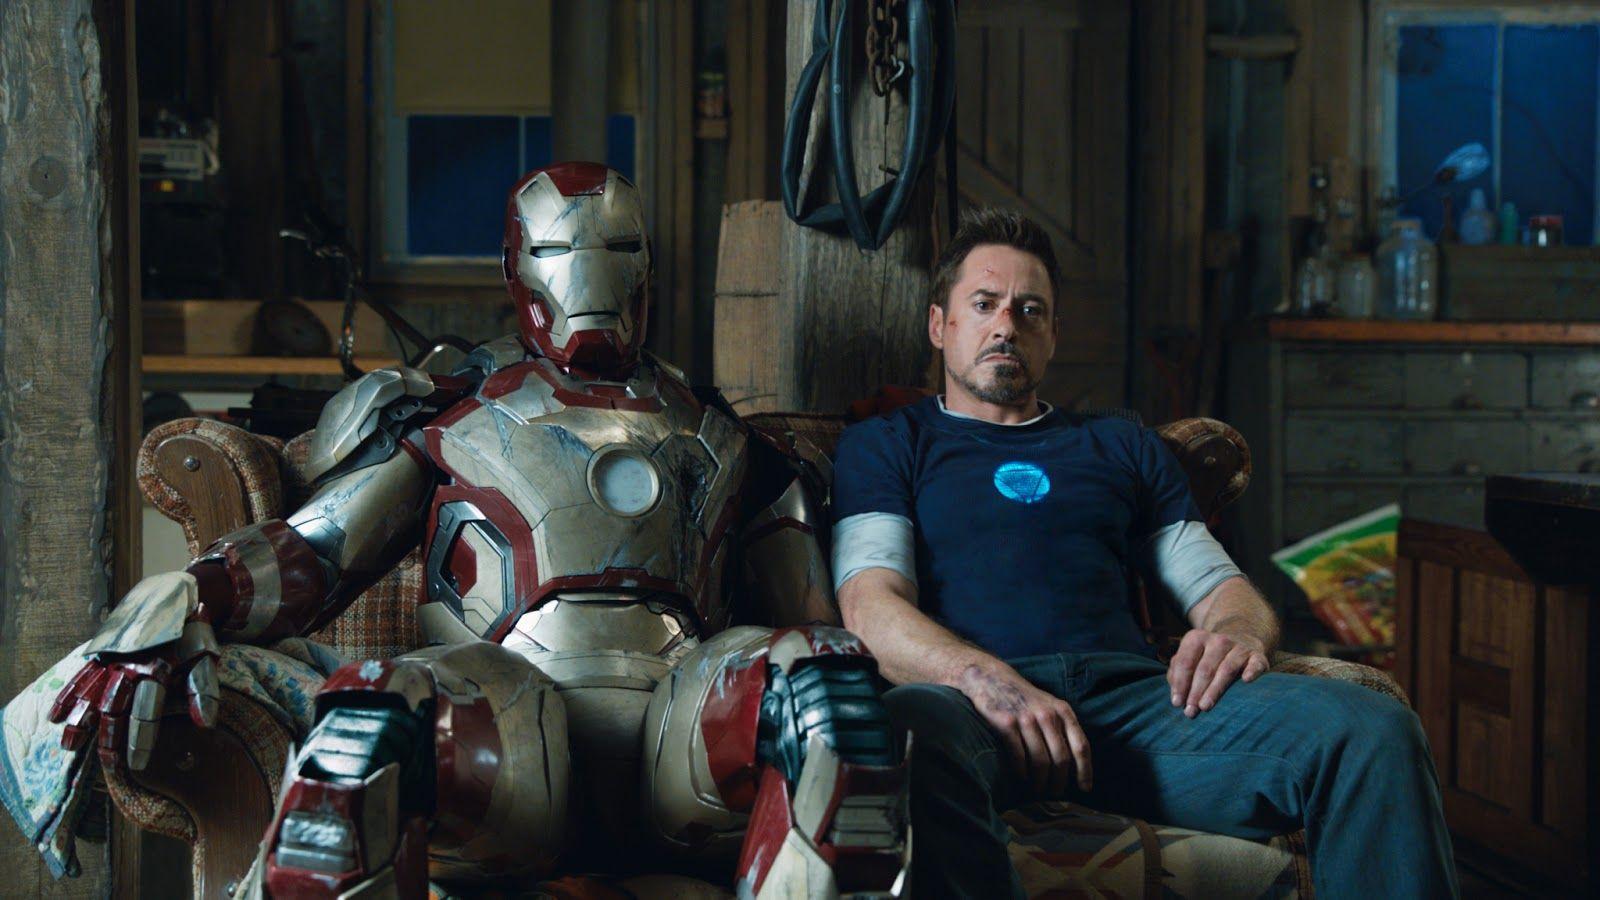 Robert Downey jr per Forbes è l'attore più pagato di Hollywood